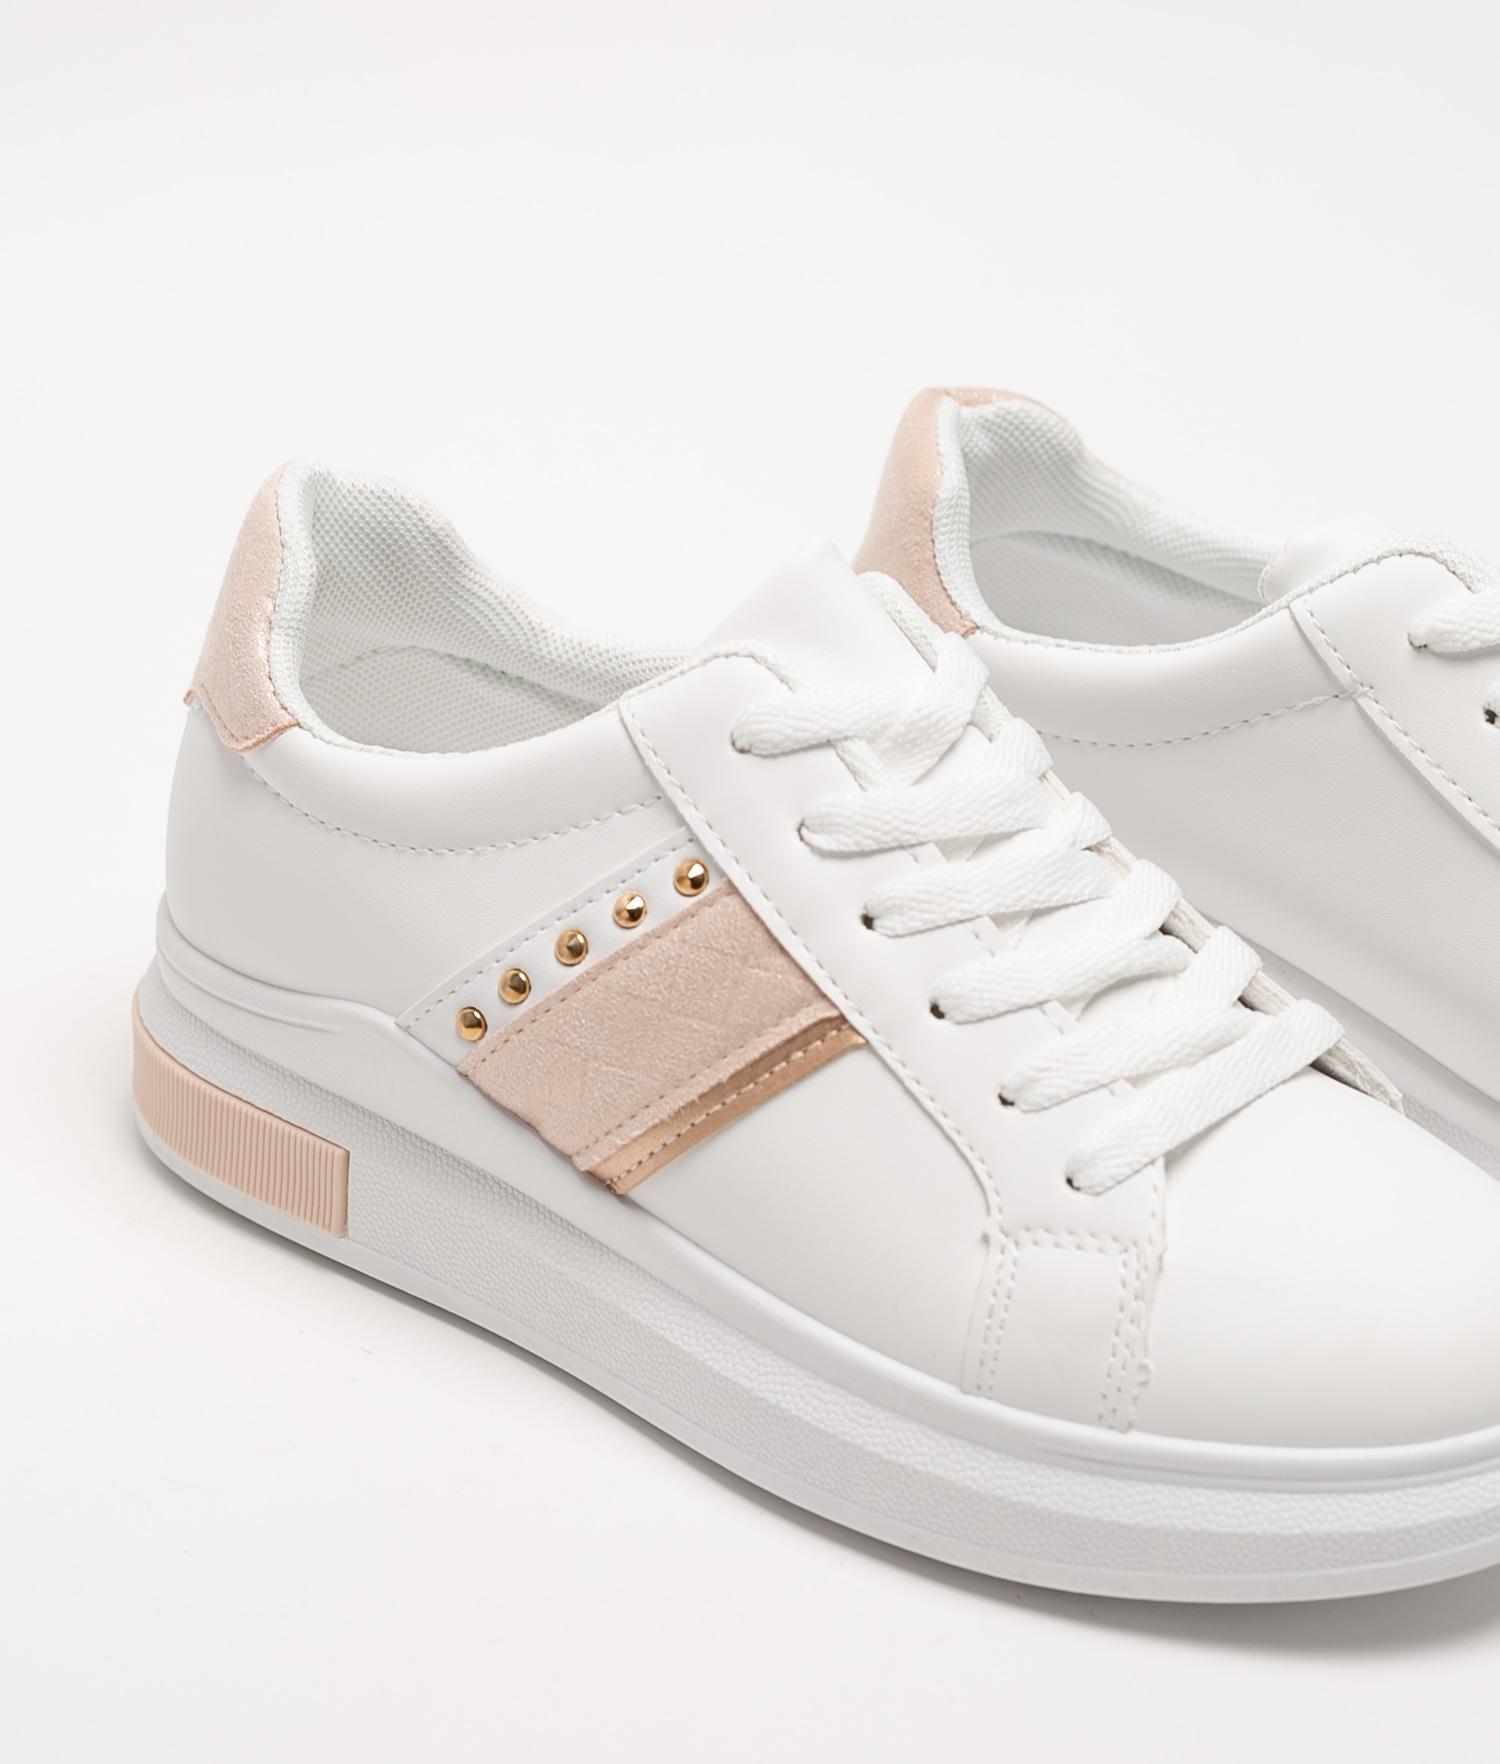 Sneakers PALTA - PINK